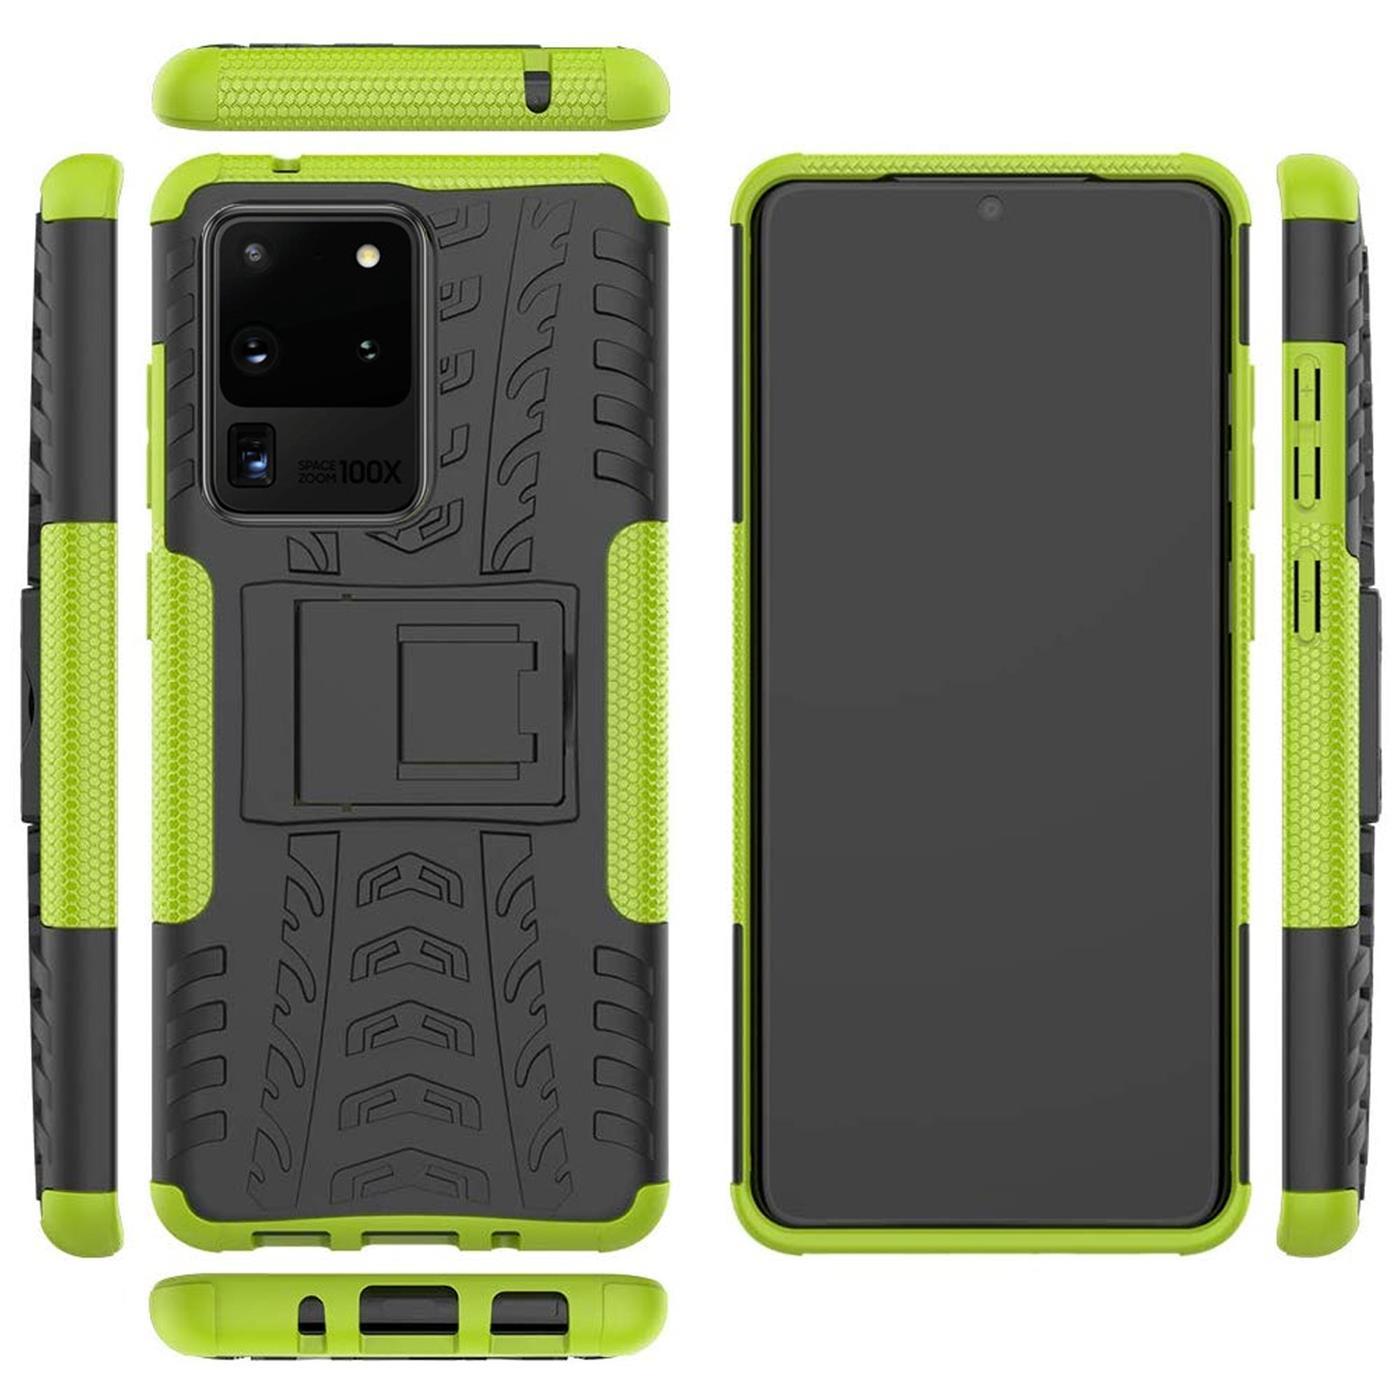 Samsung-Galaxy-S20-Serie-Schutzhuelle-Rugged-Handy-Tasche-Robust-Outdoor-Cover Indexbild 17